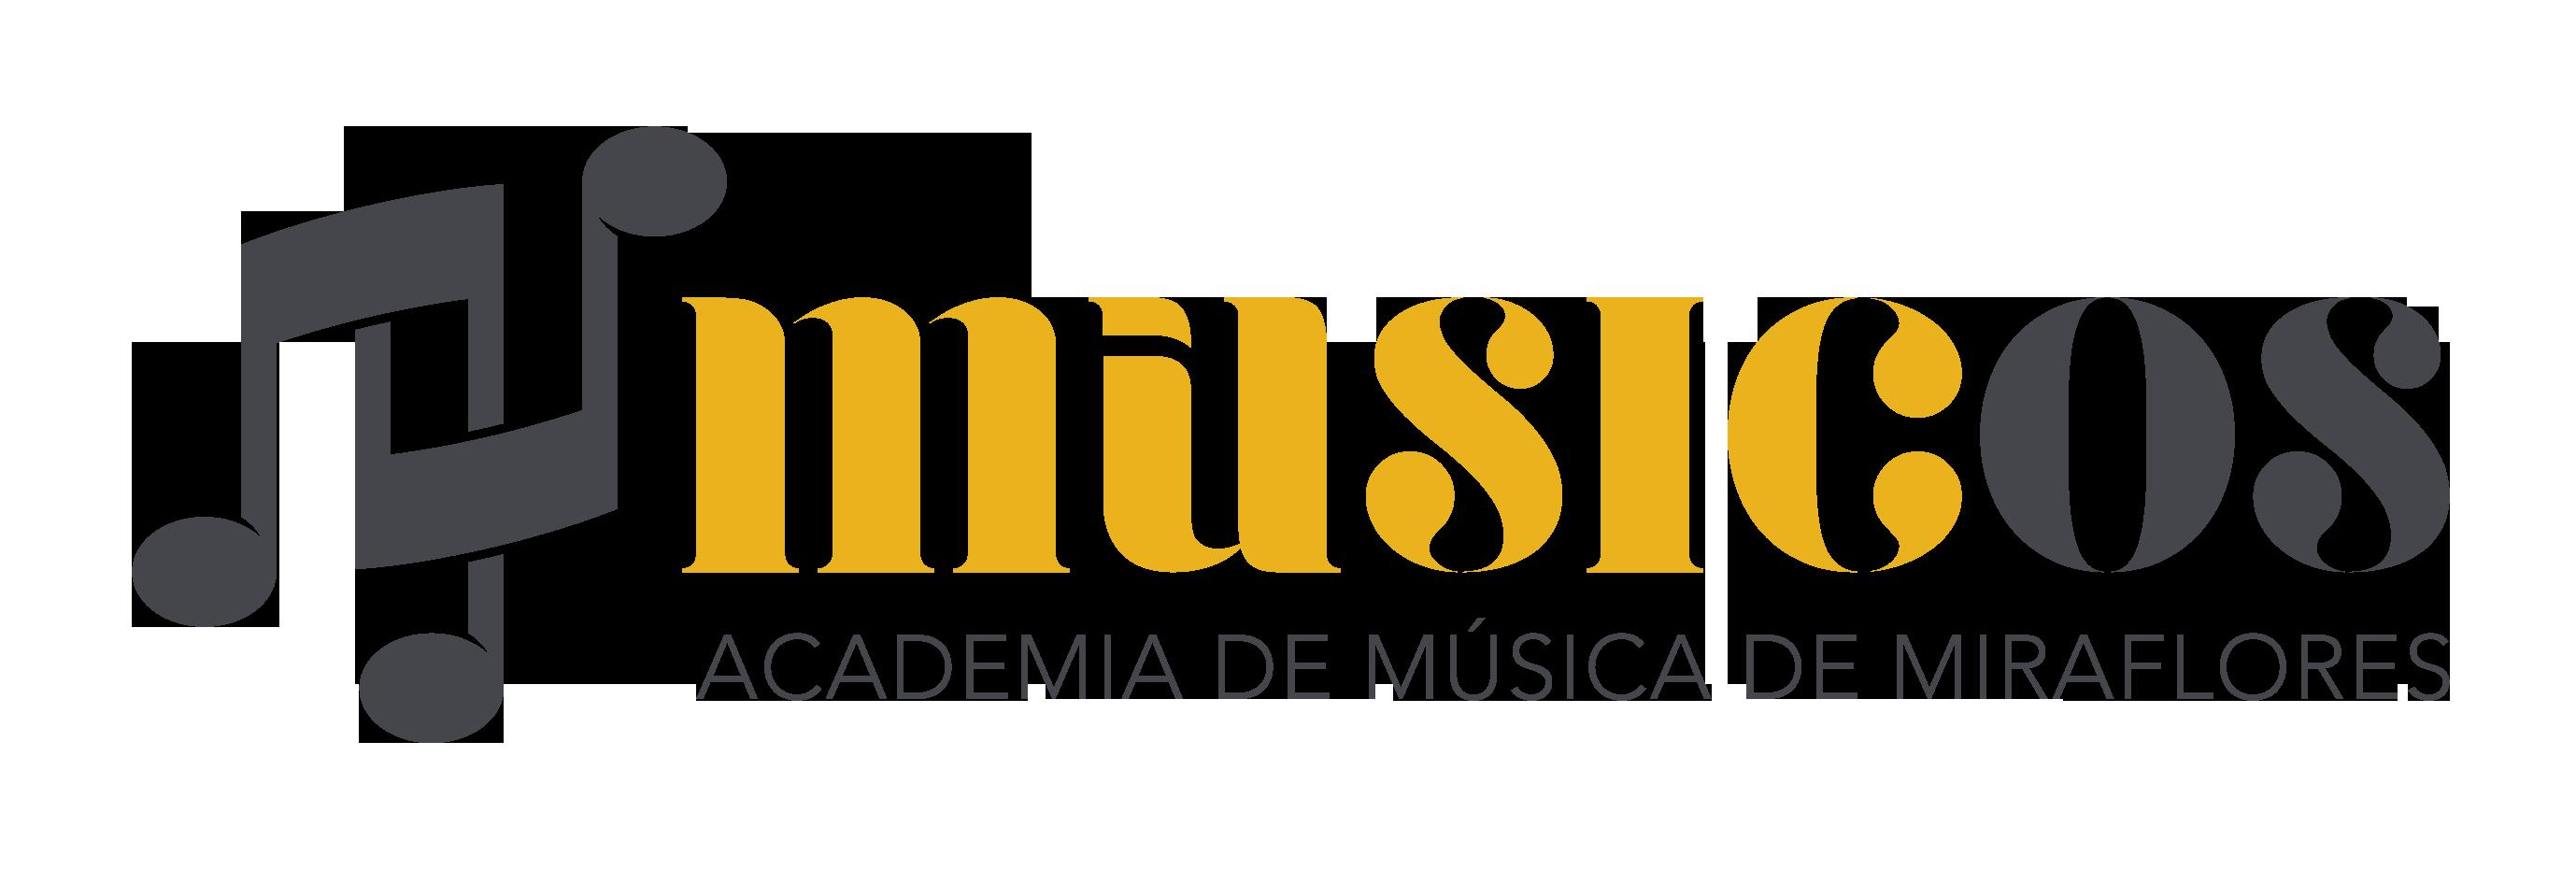 OS MÚSICOS_logo para fundo claro